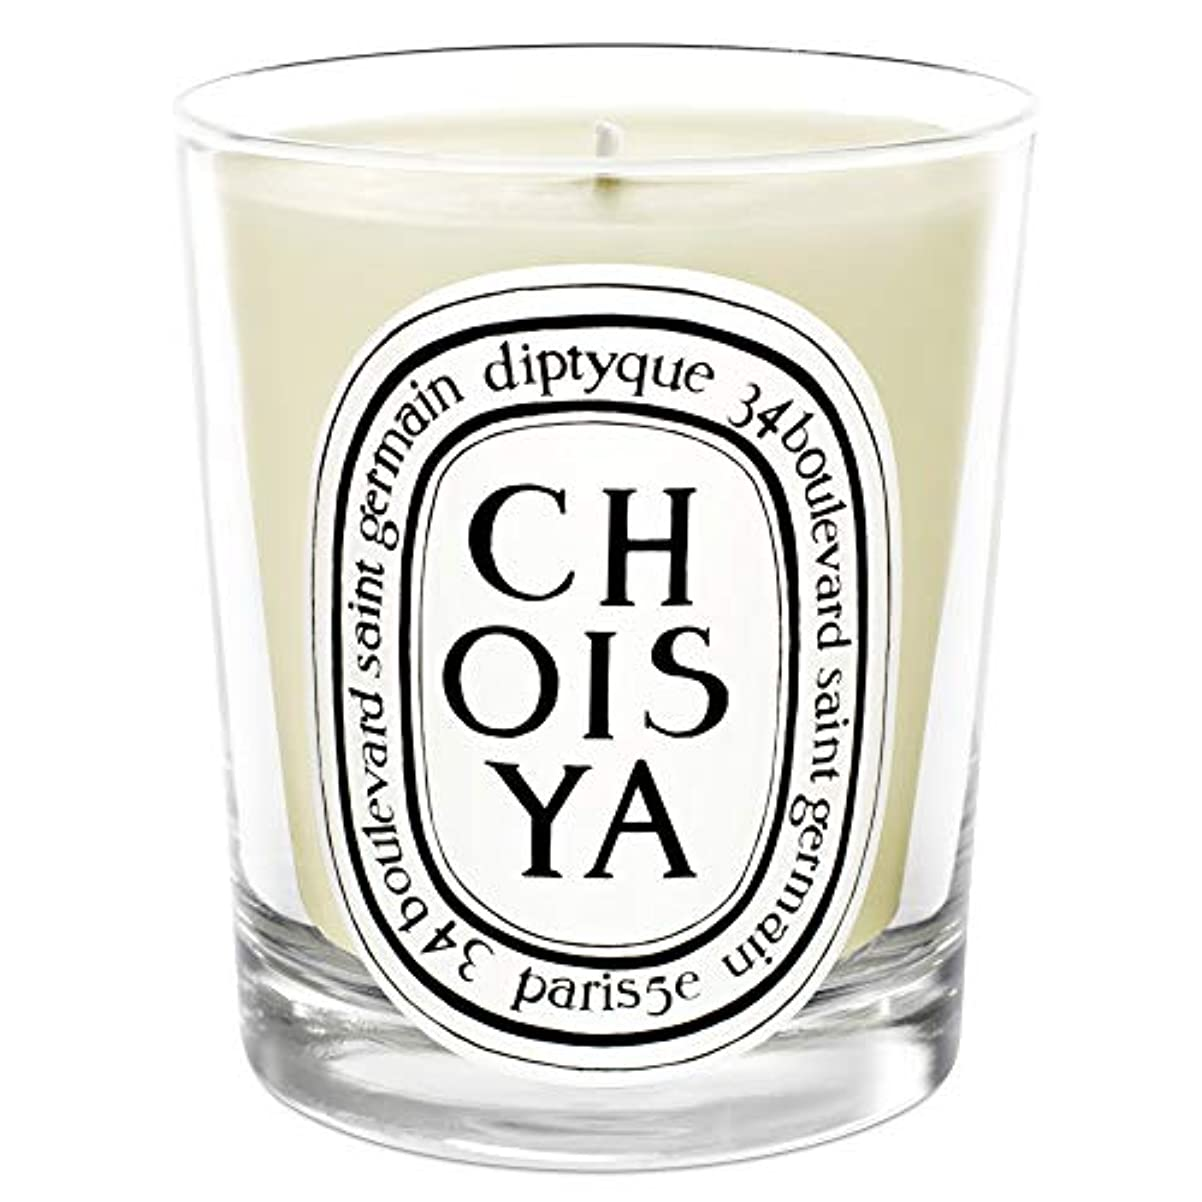 悲しい陽気な食料品店[Diptyque] Diptyque Choisya香りのキャンドル190グラム - Diptyque Choisya Scented Candle 190g [並行輸入品]